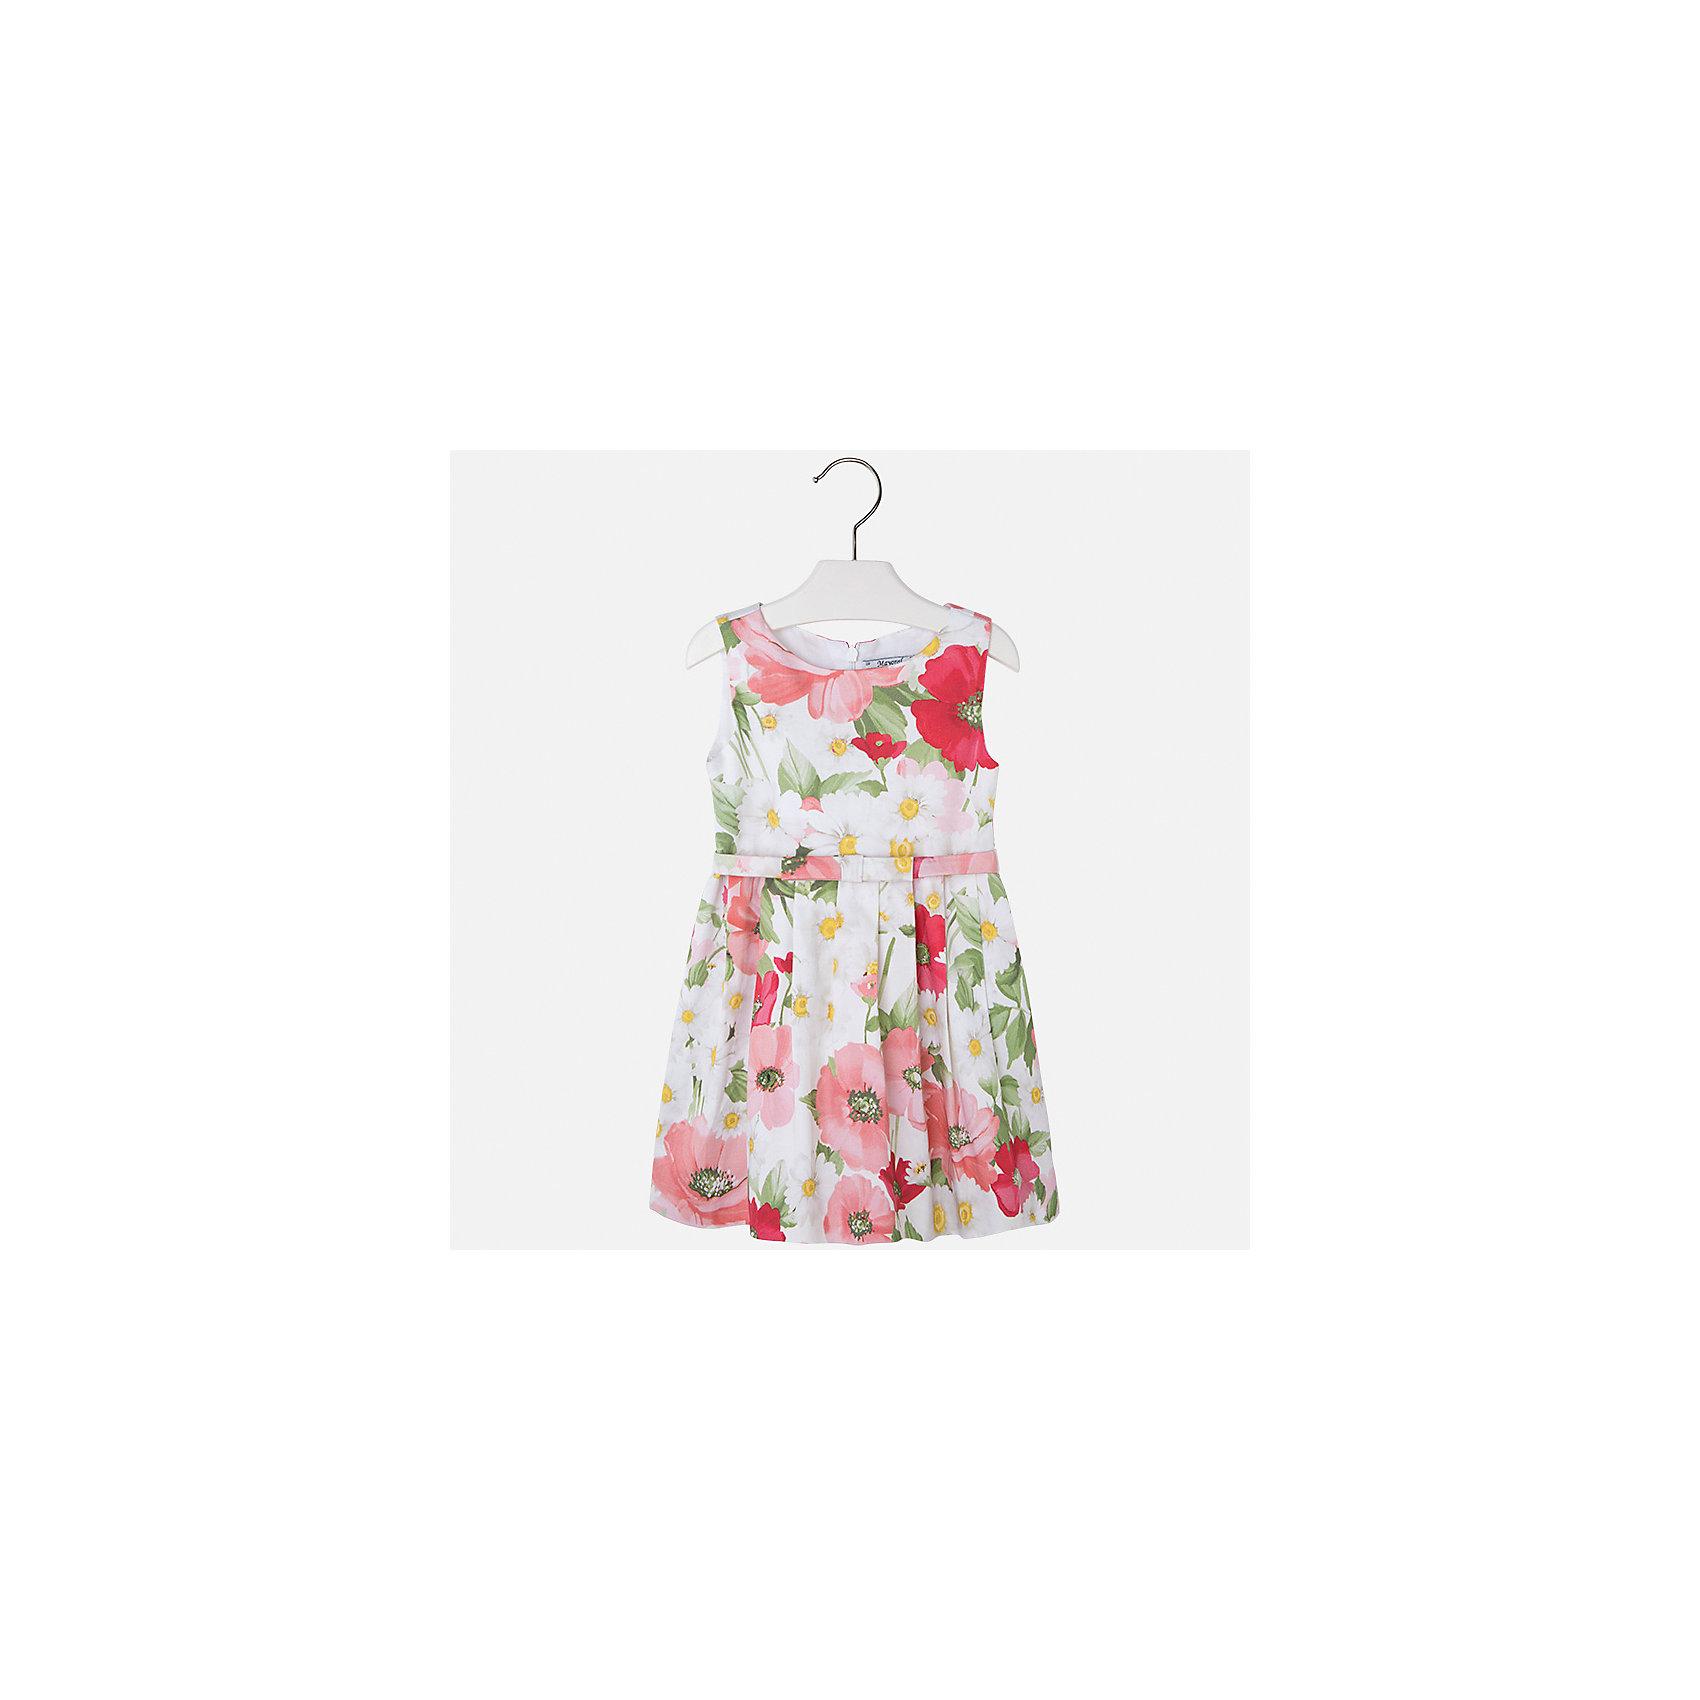 Платье для девочки MayoralХарактеристики товара:<br><br>• цвет: бело-розовый<br>• состав: 97% хлопок, 3% эластан, подкладка - 50% полиэстер, 50% хлопок<br>• застежка: молния<br>• складки<br>• принт<br>• без рукавов<br>• с подкладкой<br>• страна бренда: Испания<br><br>Нарядное платье для девочки поможет разнообразить гардероб ребенка и создать эффектный наряд. Оно отлично подойдет для торжественных случаев или на каждый день. Красивый оттенок позволяет подобрать к вещи обувь разных расцветок. В составе материала подкладки - натуральный хлопок, гипоаллергенный, приятный на ощупь, дышащий. Платье хорошо сидит по фигуре.<br><br>Одежда, обувь и аксессуары от испанского бренда Mayoral полюбились детям и взрослым по всему миру. Модели этой марки - стильные и удобные. Для их производства используются только безопасные, качественные материалы и фурнитура. Порадуйте ребенка модными и красивыми вещами от Mayoral! <br><br>Платье для девочки от испанского бренда Mayoral (Майорал) можно купить в нашем интернет-магазине.<br><br>Ширина мм: 236<br>Глубина мм: 16<br>Высота мм: 184<br>Вес г: 177<br>Цвет: оранжевый<br>Возраст от месяцев: 60<br>Возраст до месяцев: 72<br>Пол: Женский<br>Возраст: Детский<br>Размер: 116,122,128,92,98,134,104,110<br>SKU: 5291270